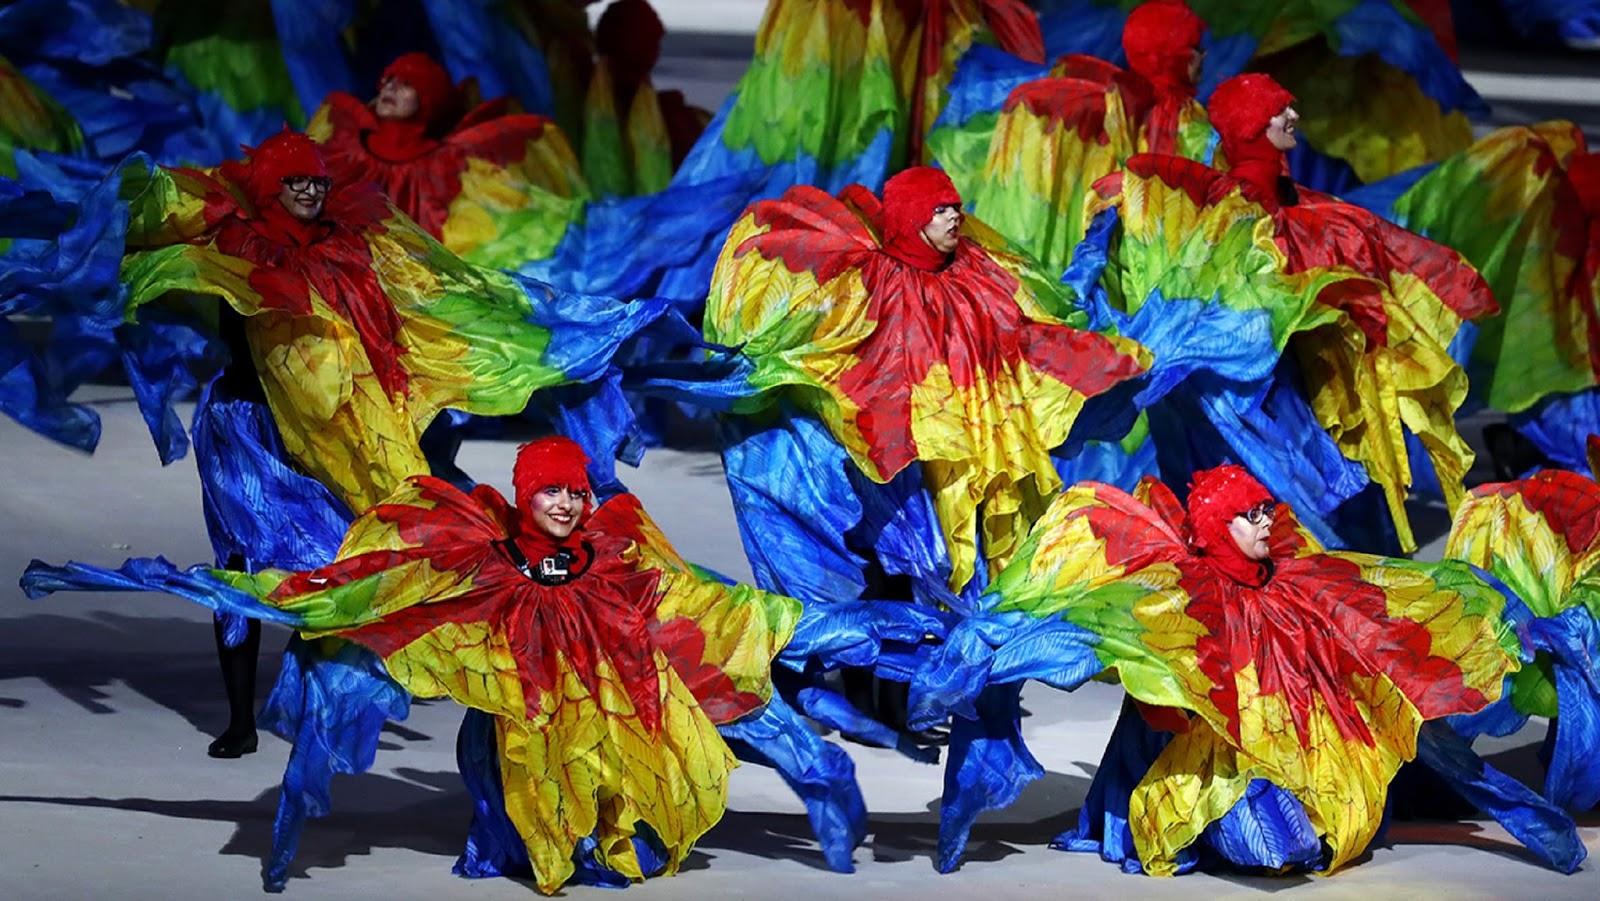 RIO OLYMPICS 2016 CLOSING CEREMONY 2